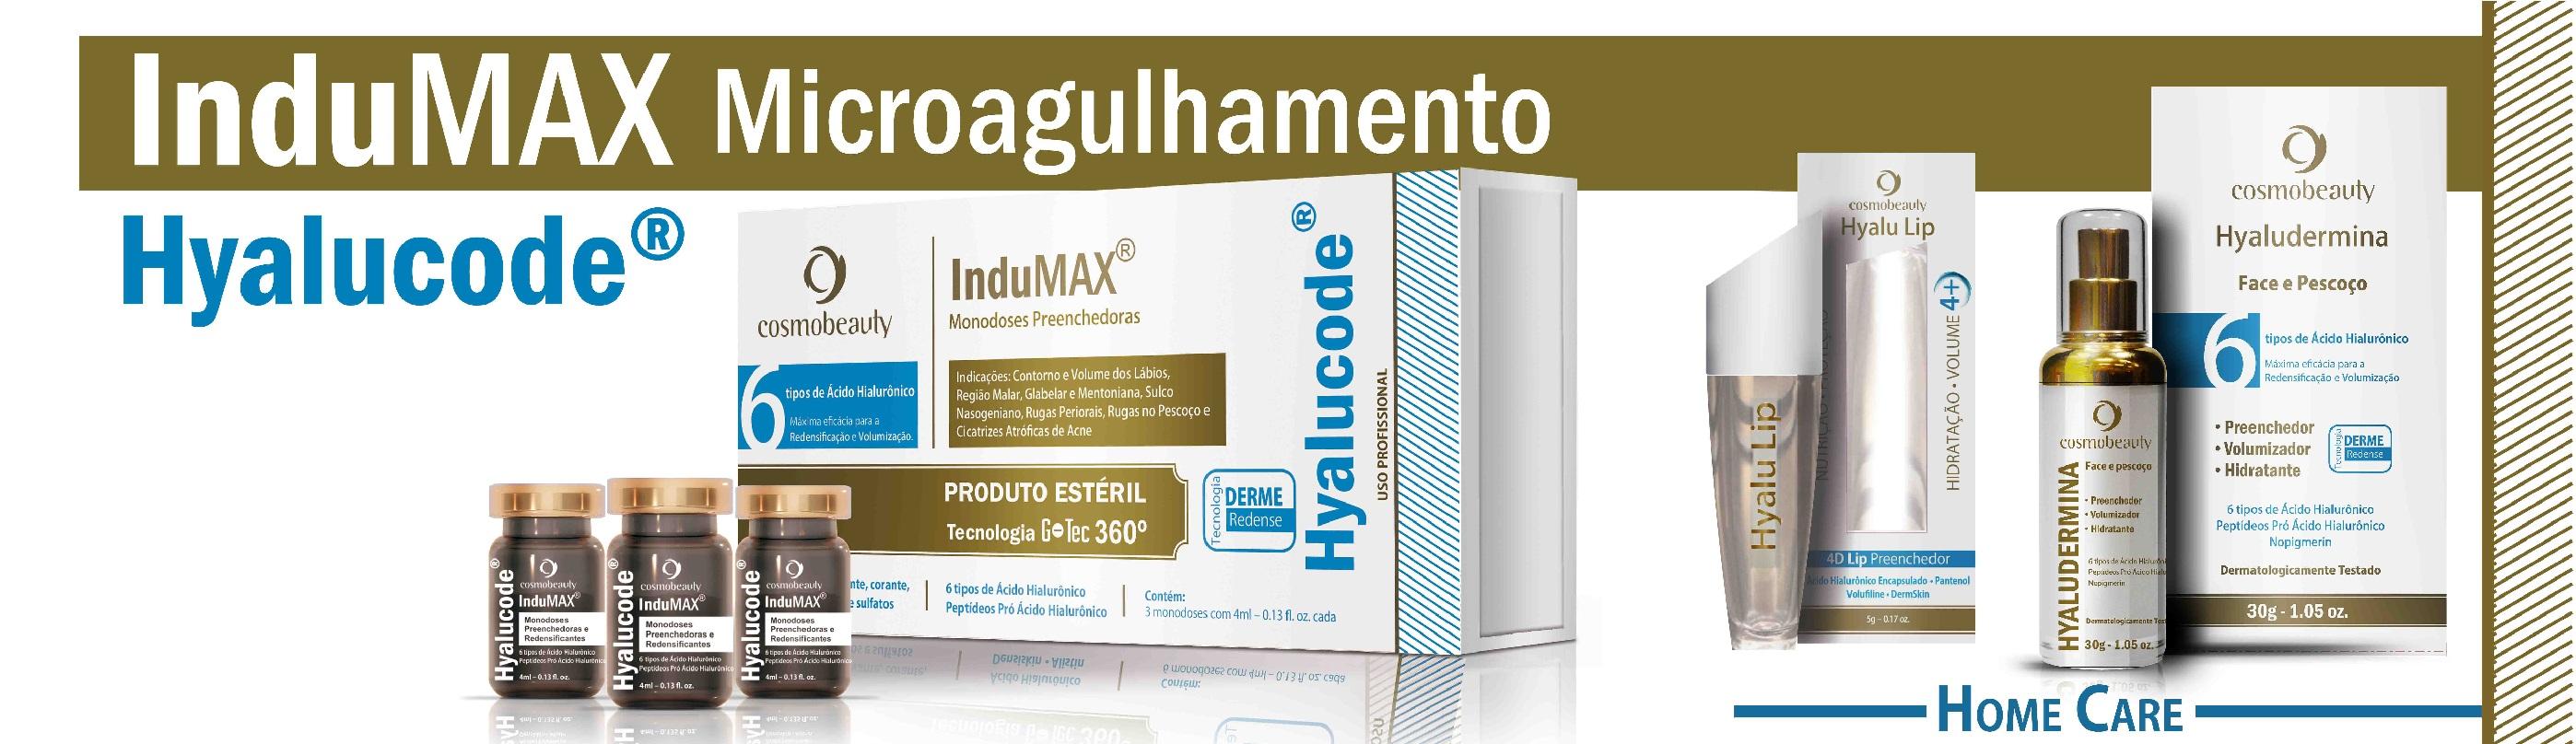 indumax-hyalucode-banner-lancamentos-09-09